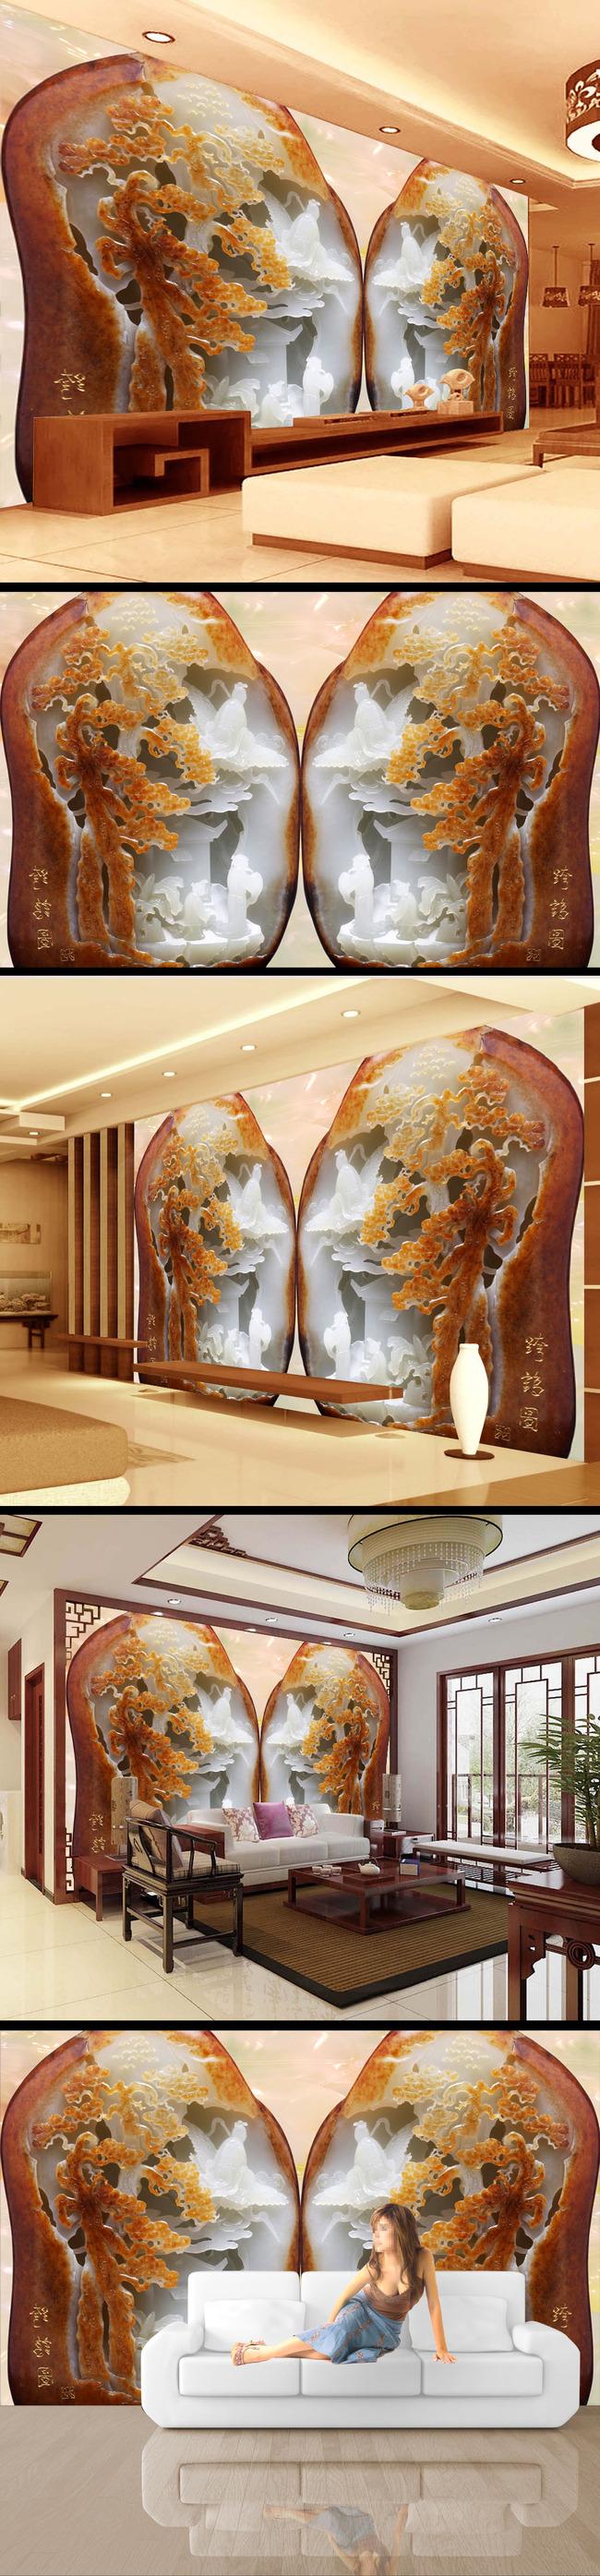 玉器迎客松山水画玉雕壁画高清图片下载(图片编号)墙